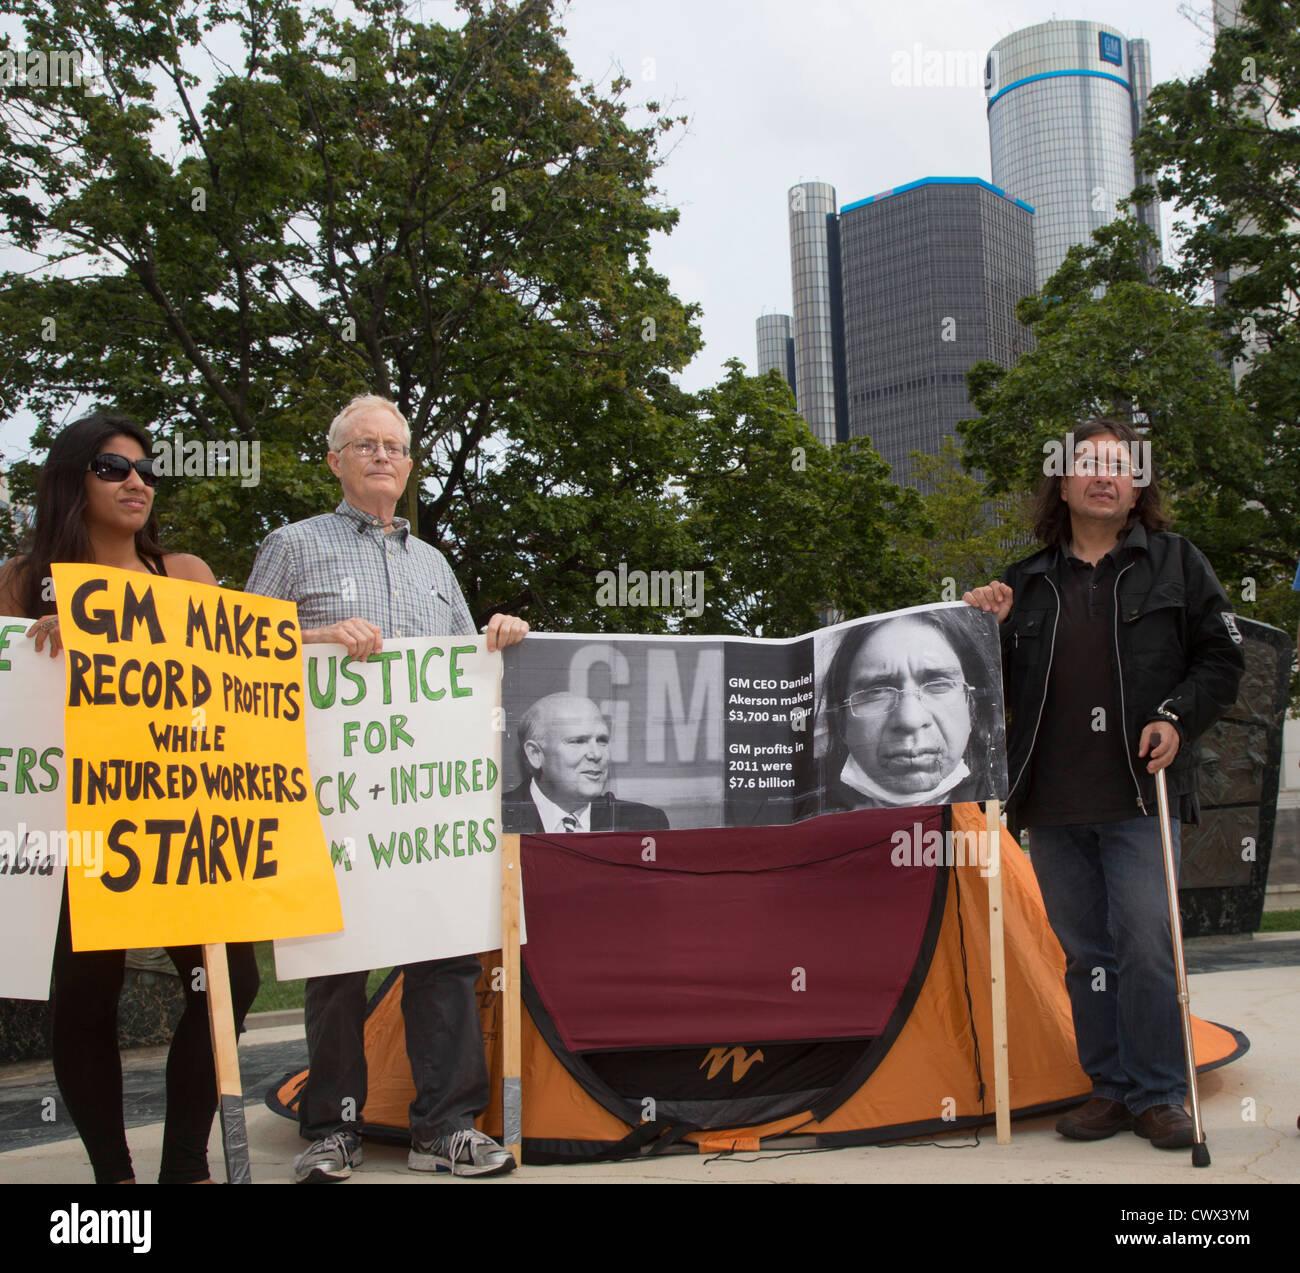 Les travailleurs colombiens blessés General Motors en grève de la faim à une indemnité d'invalidité Photo Stock